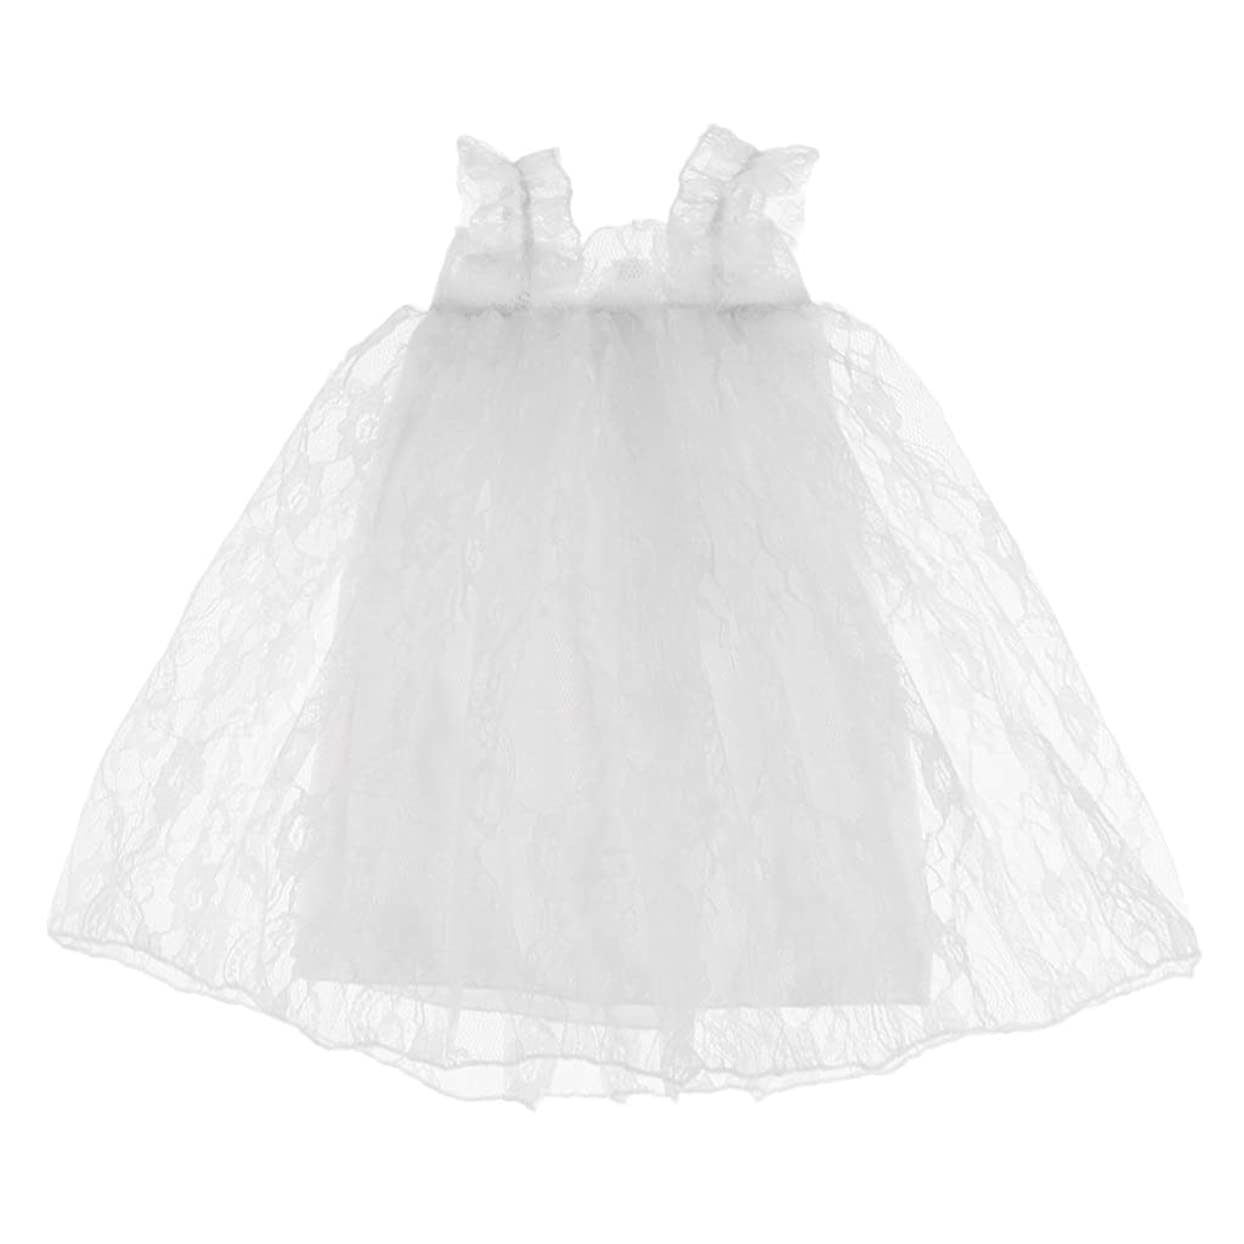 魔術気味の悪いフェローシップドールレースドレス 16インチシャロン人形服 衣類アクセサリー ドールメイキング 飾り ホワイト